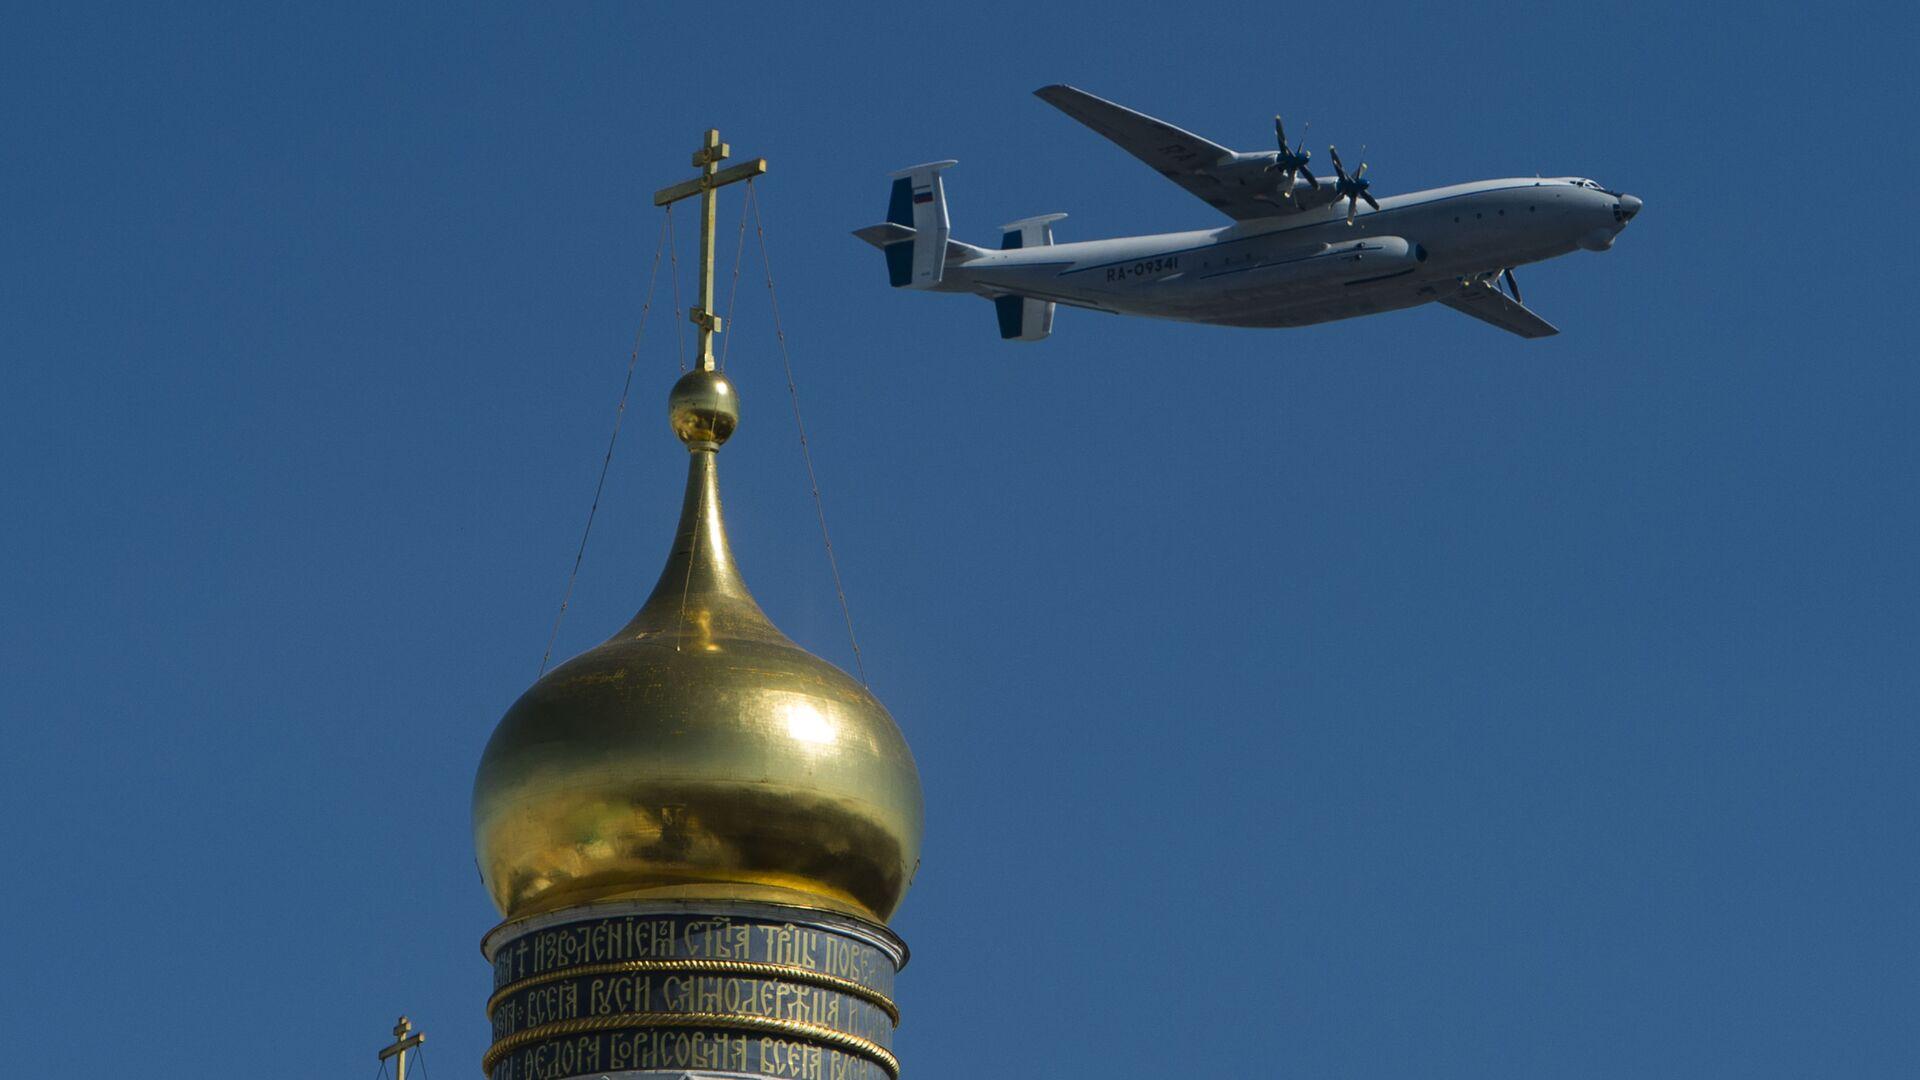 Avión de turbohélice An-22 Antei - Sputnik Mundo, 1920, 23.09.2021